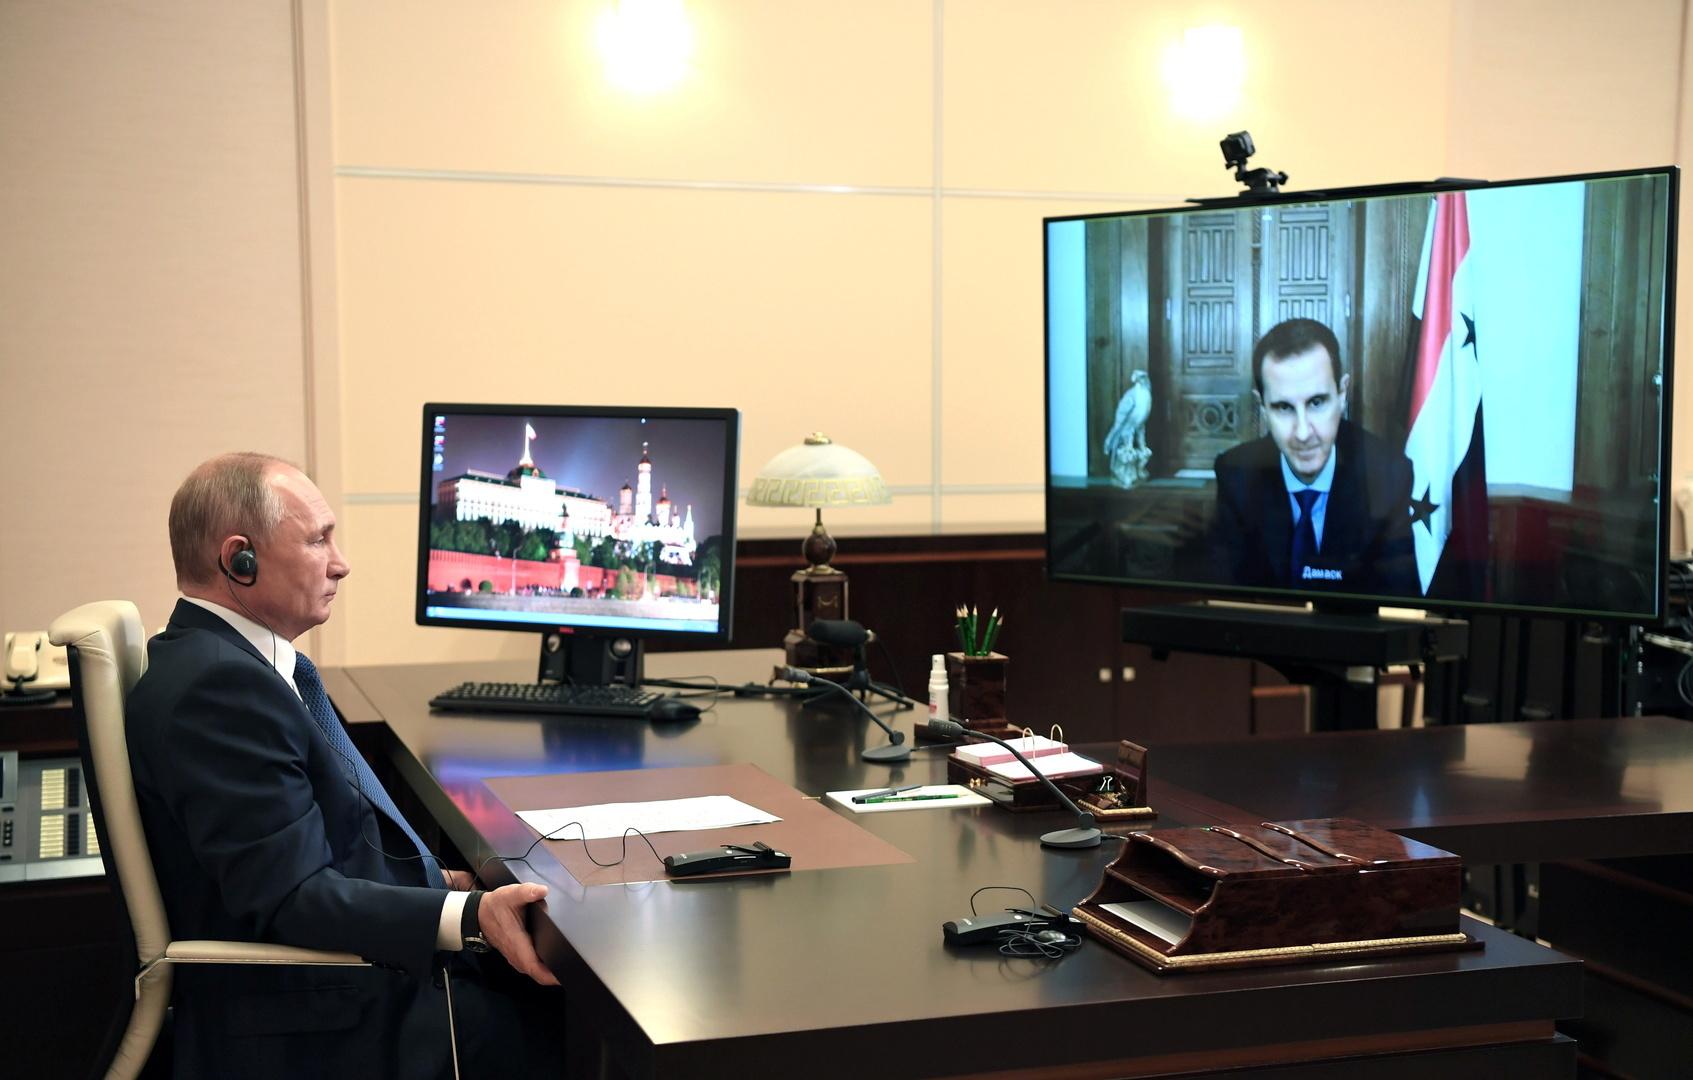 بوتين يزعم أنه سأل الأمريكيين عن بديل الأسد في سوريا...فماذا أجابوه ؟